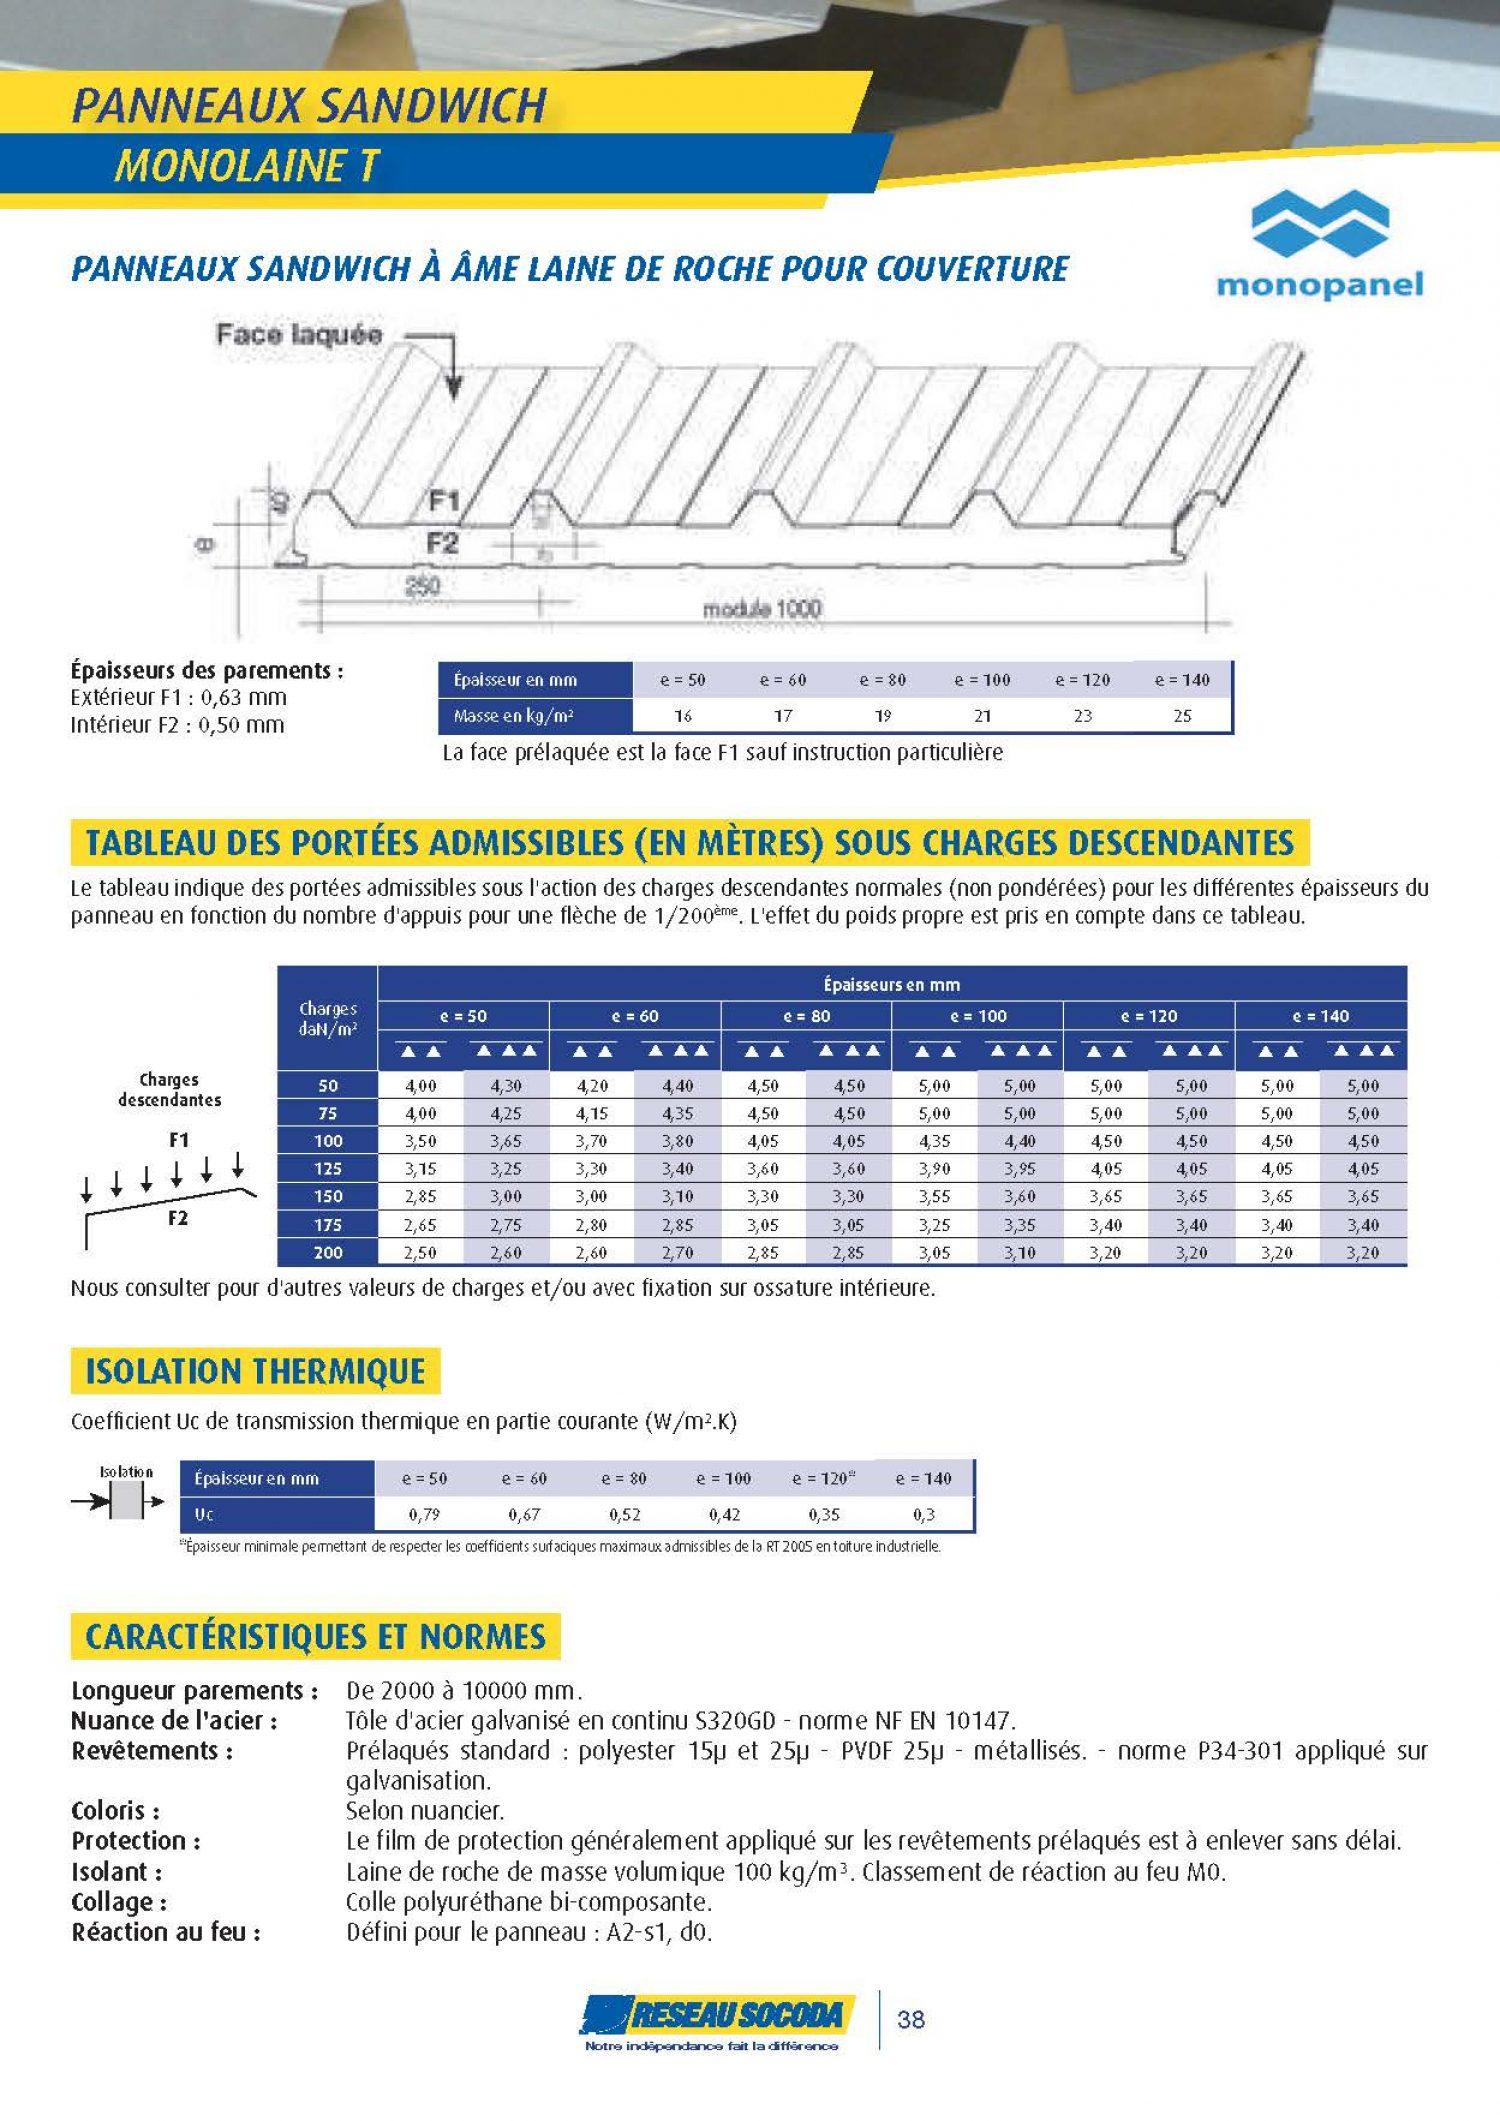 GERMOND_2014 PROFIL BATIMENT_20140324-184231_Page_38